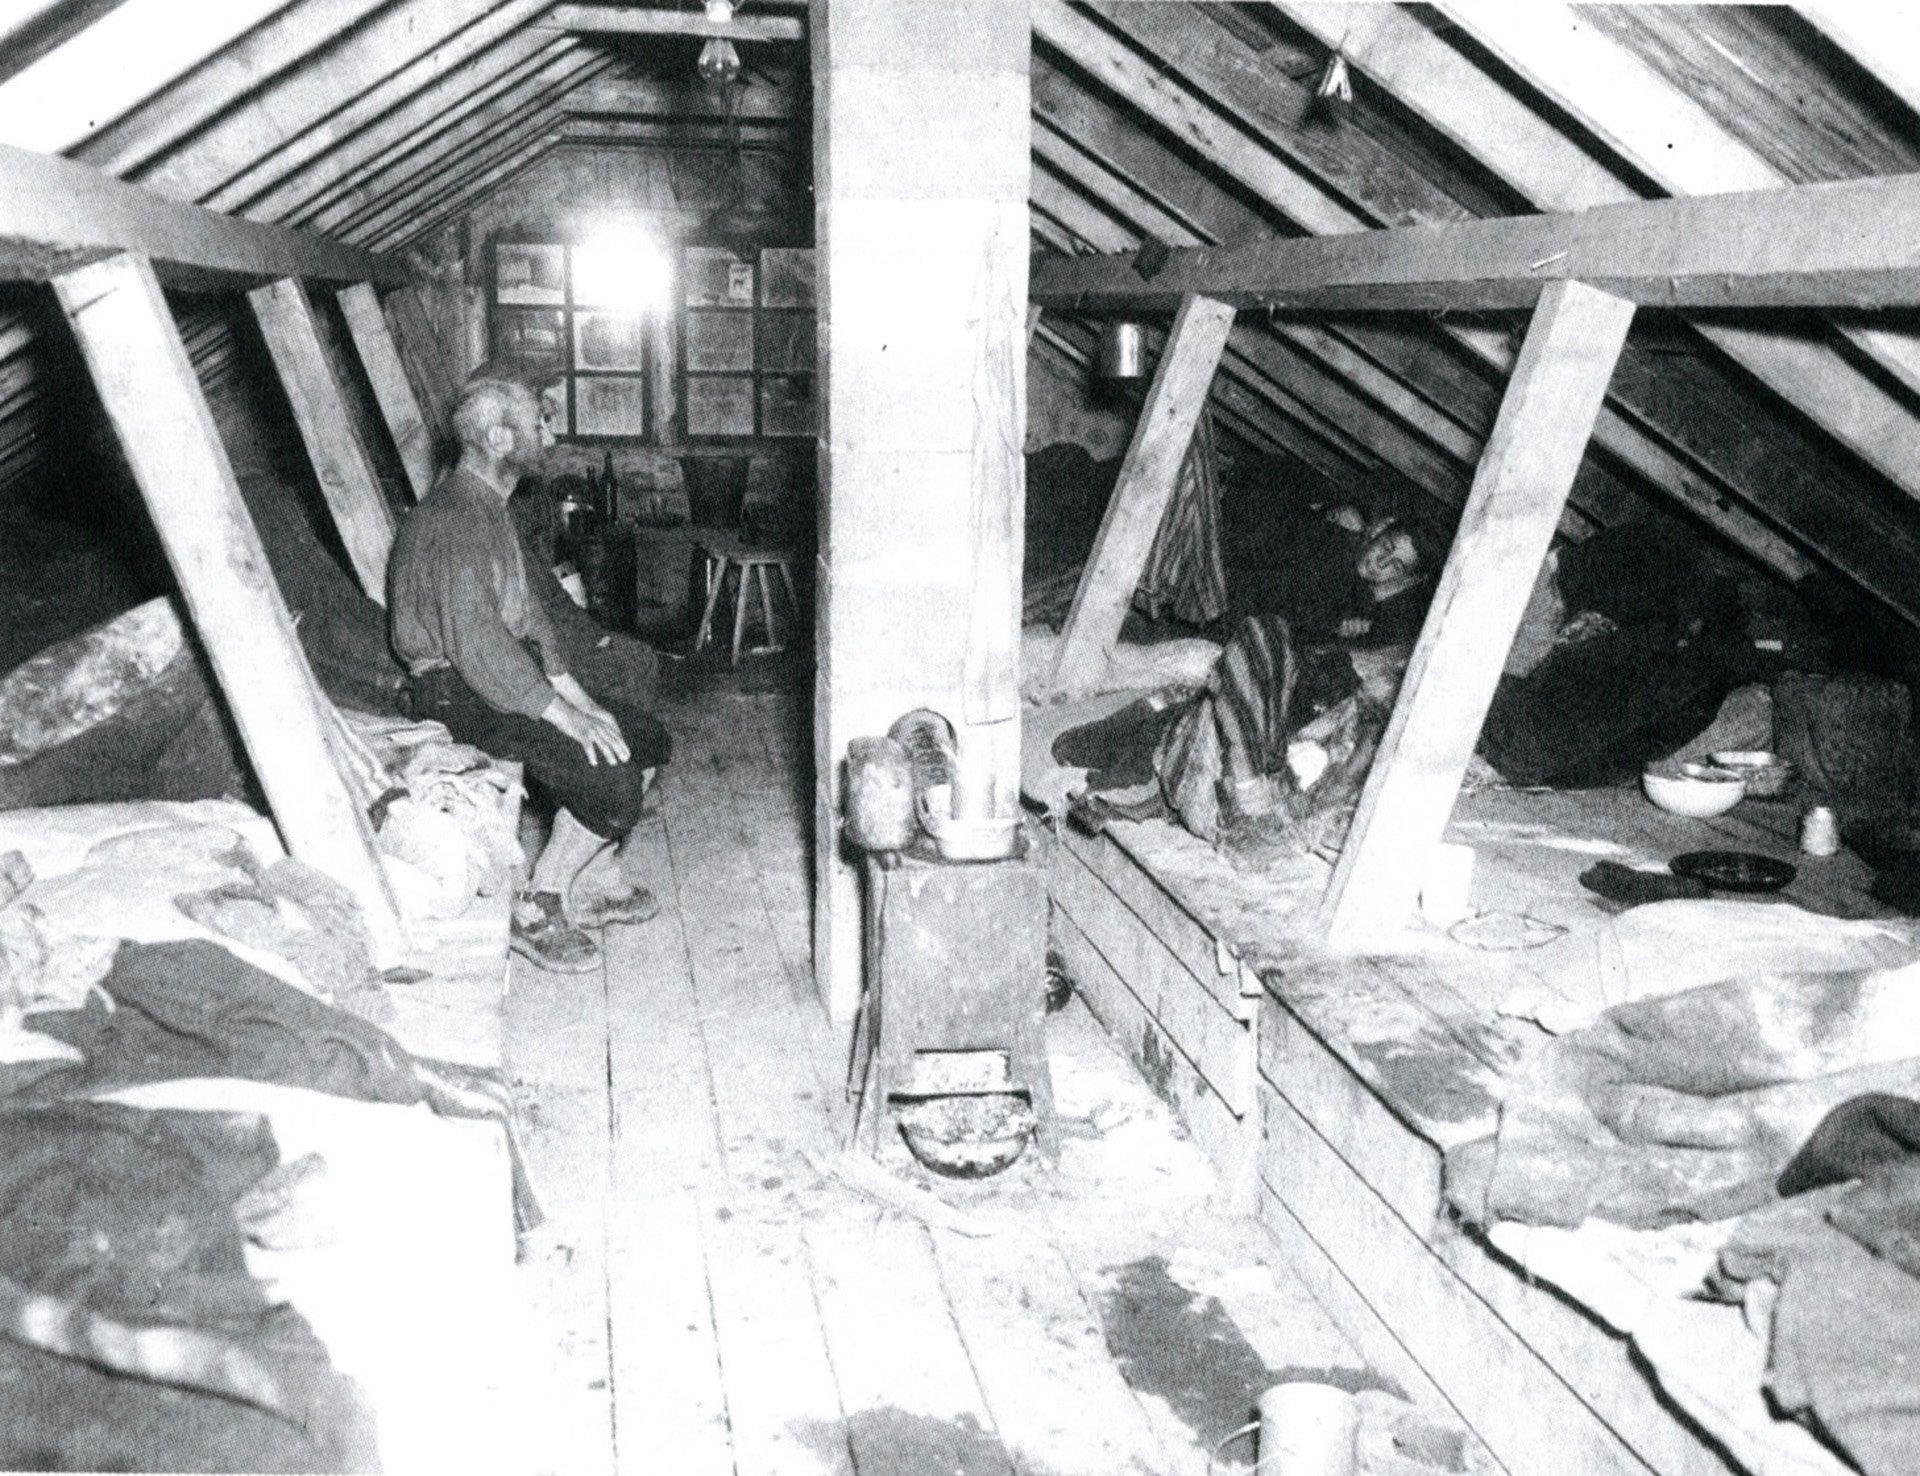 Cabaña de Kaufering fotografiada tras la liberación. La SS llenaba de prisioneros estas construcciobes infestadas de sabandijas